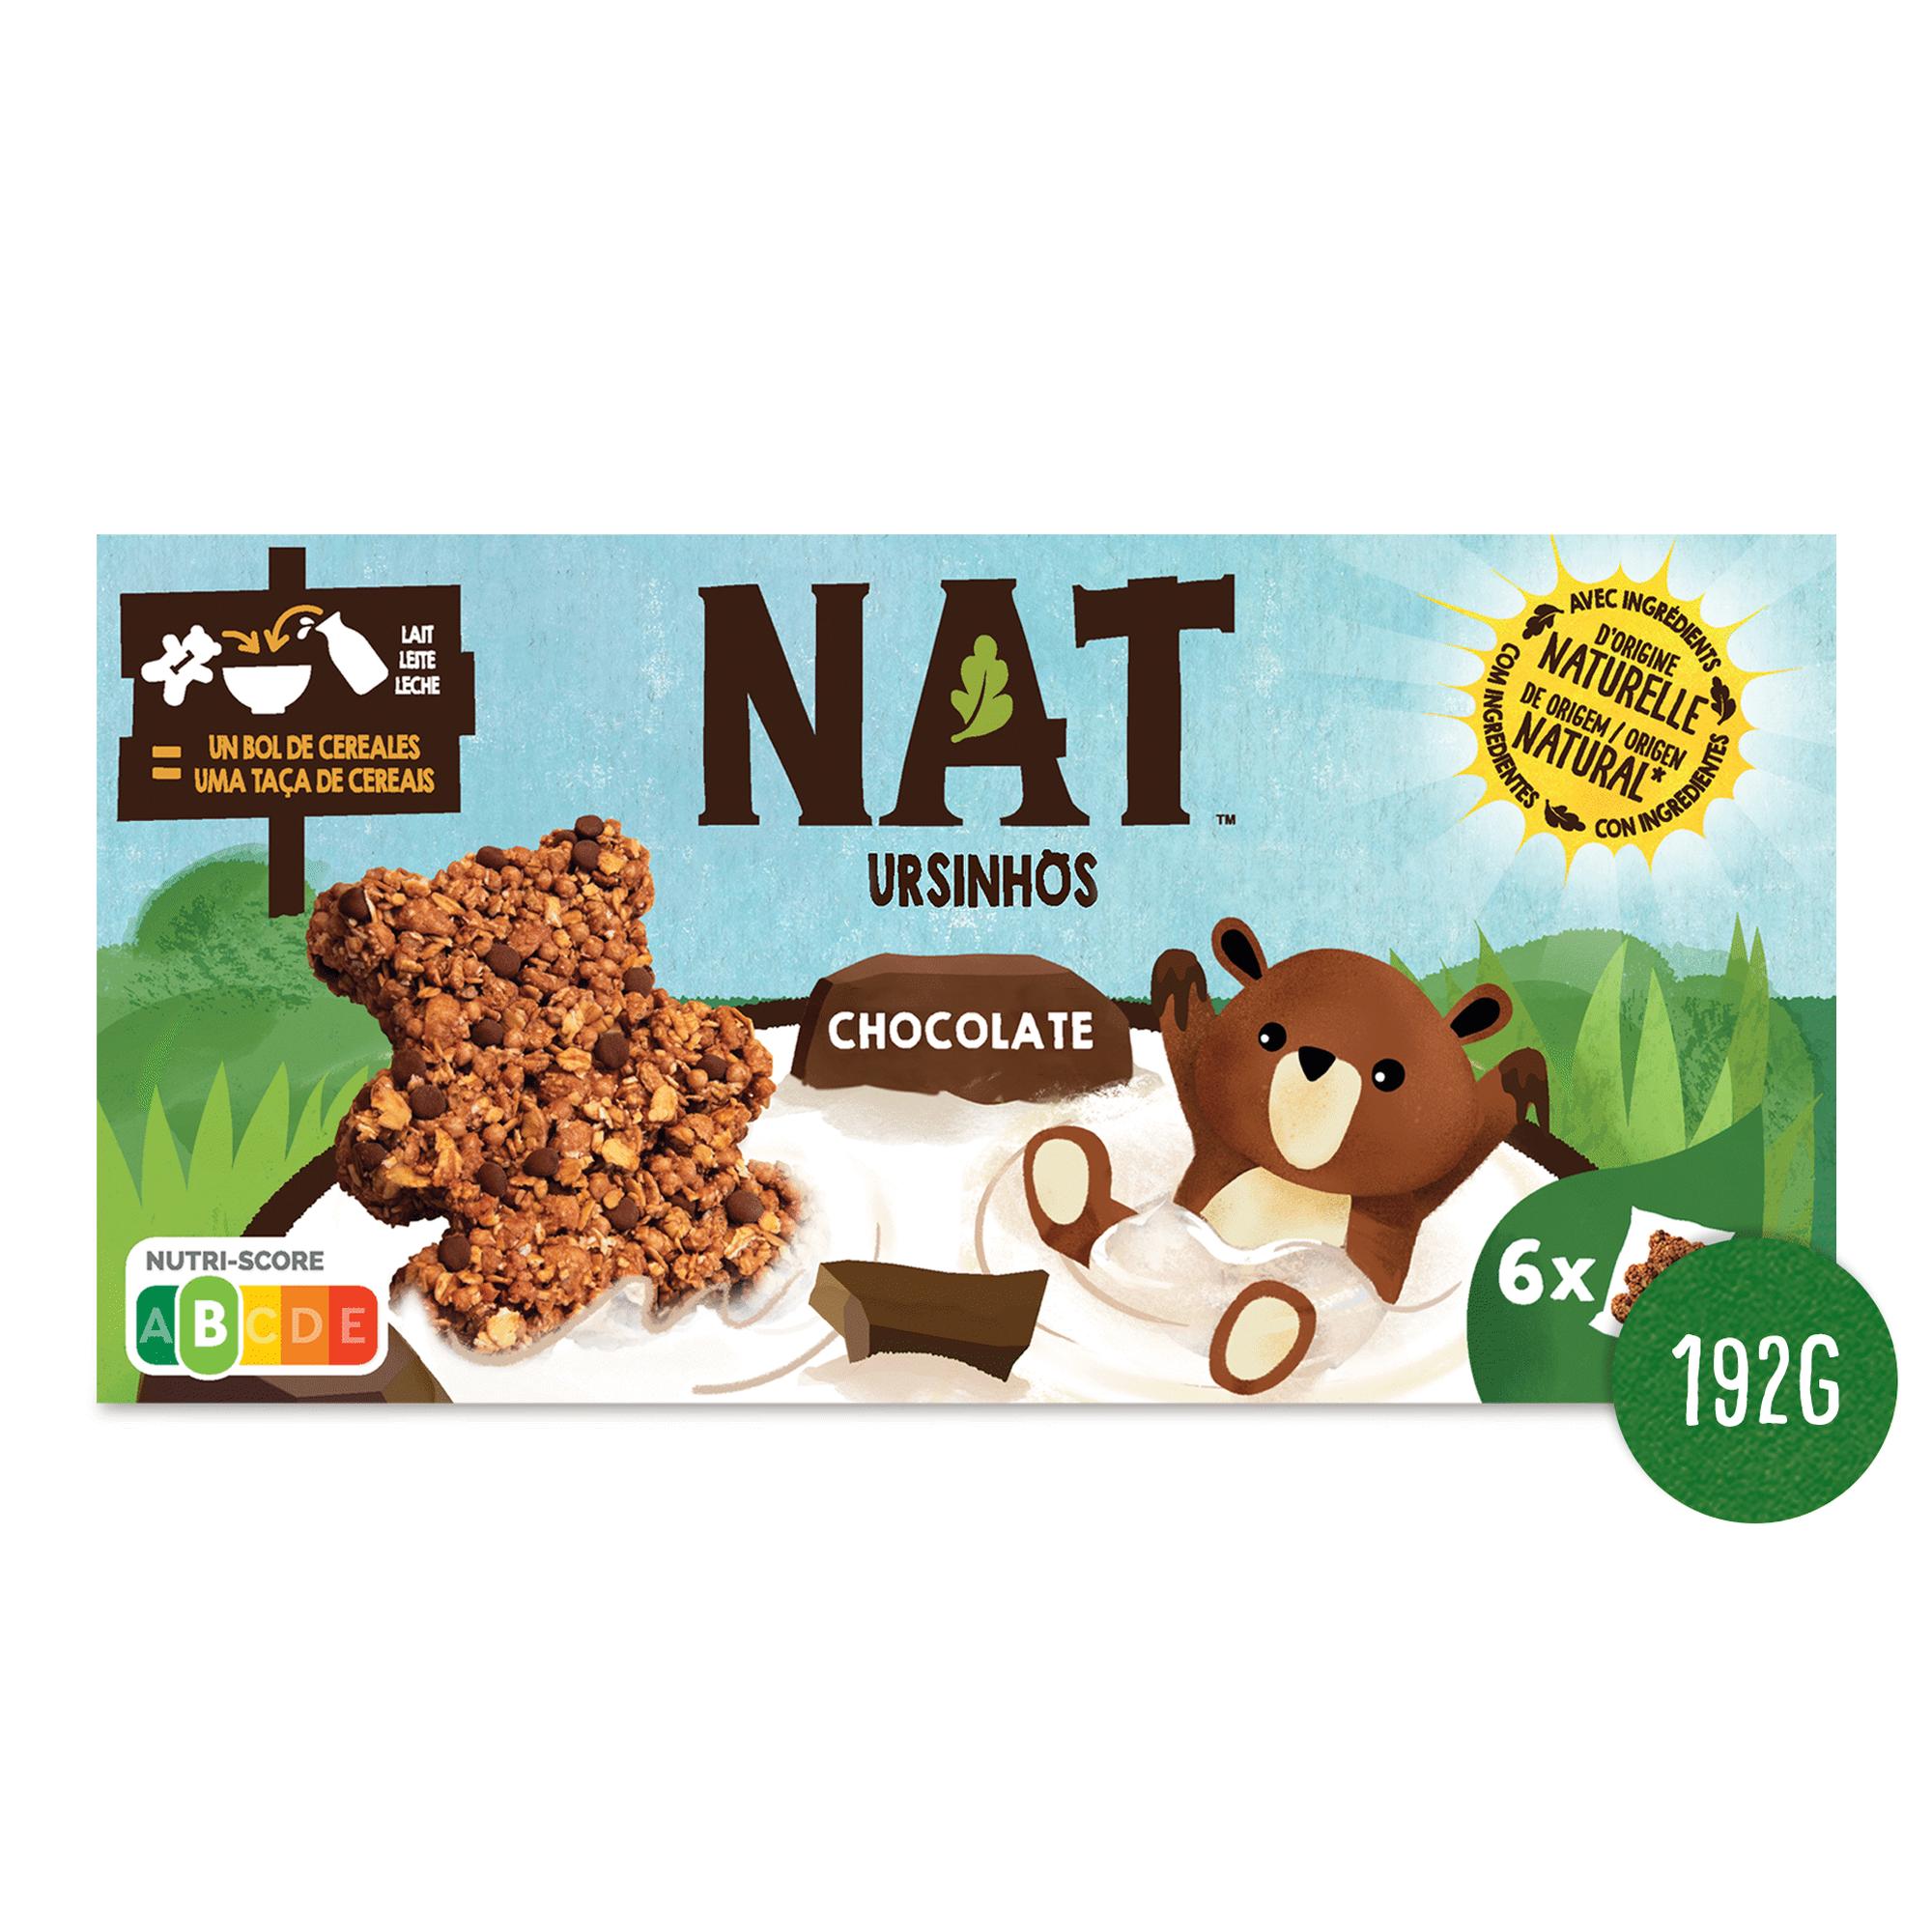 Cereais Ursinhos Chocolate Nat